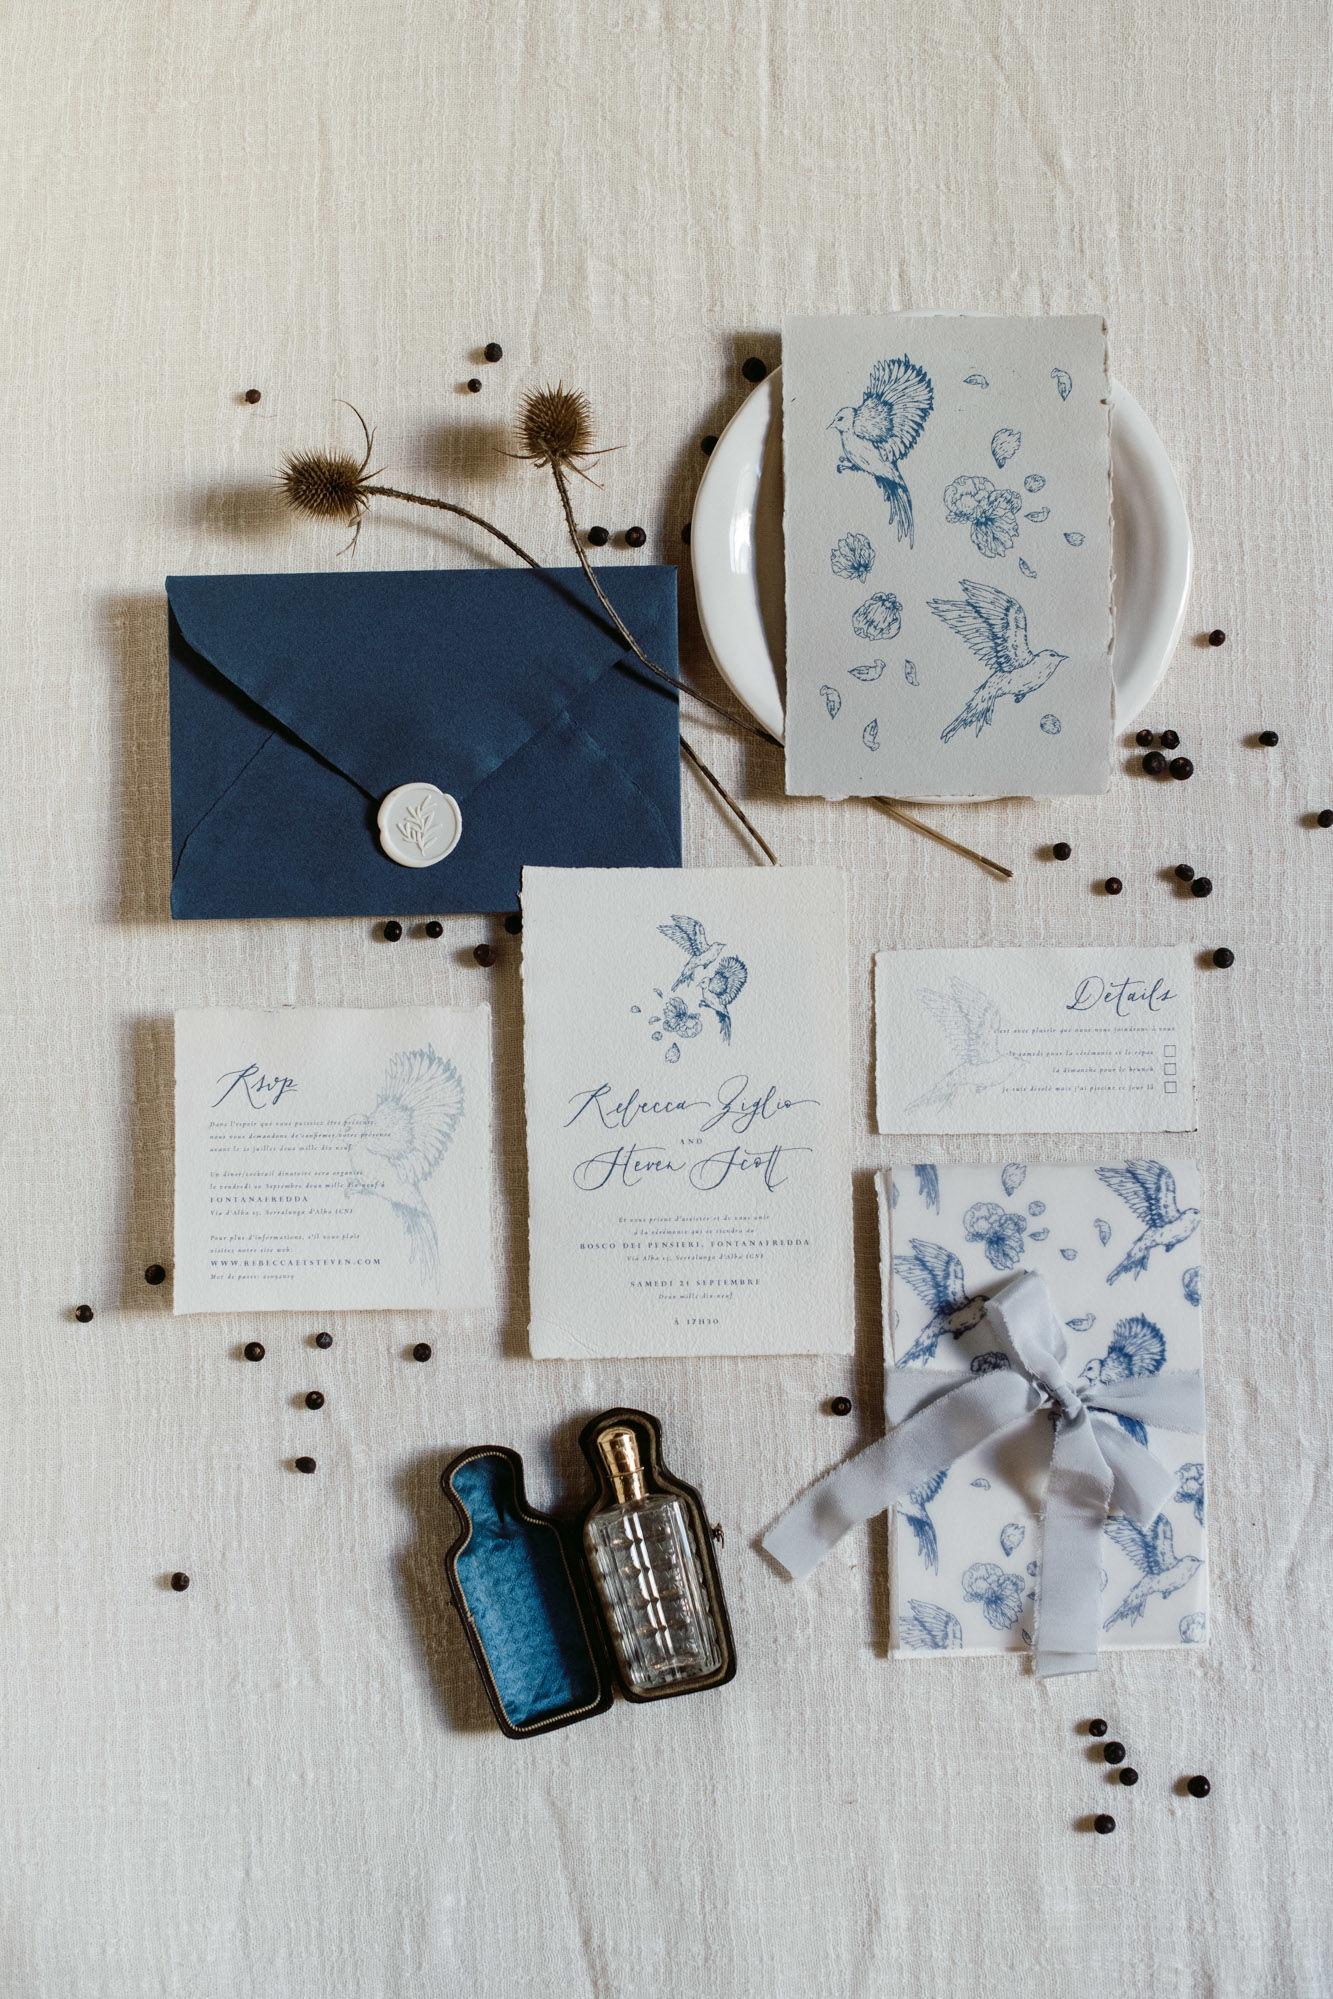 Partecipazioni Matrimonio Personalizzate On Line.1 Inviti Matrimonio Personalizzati Busta Ceralacca Studio Alispi